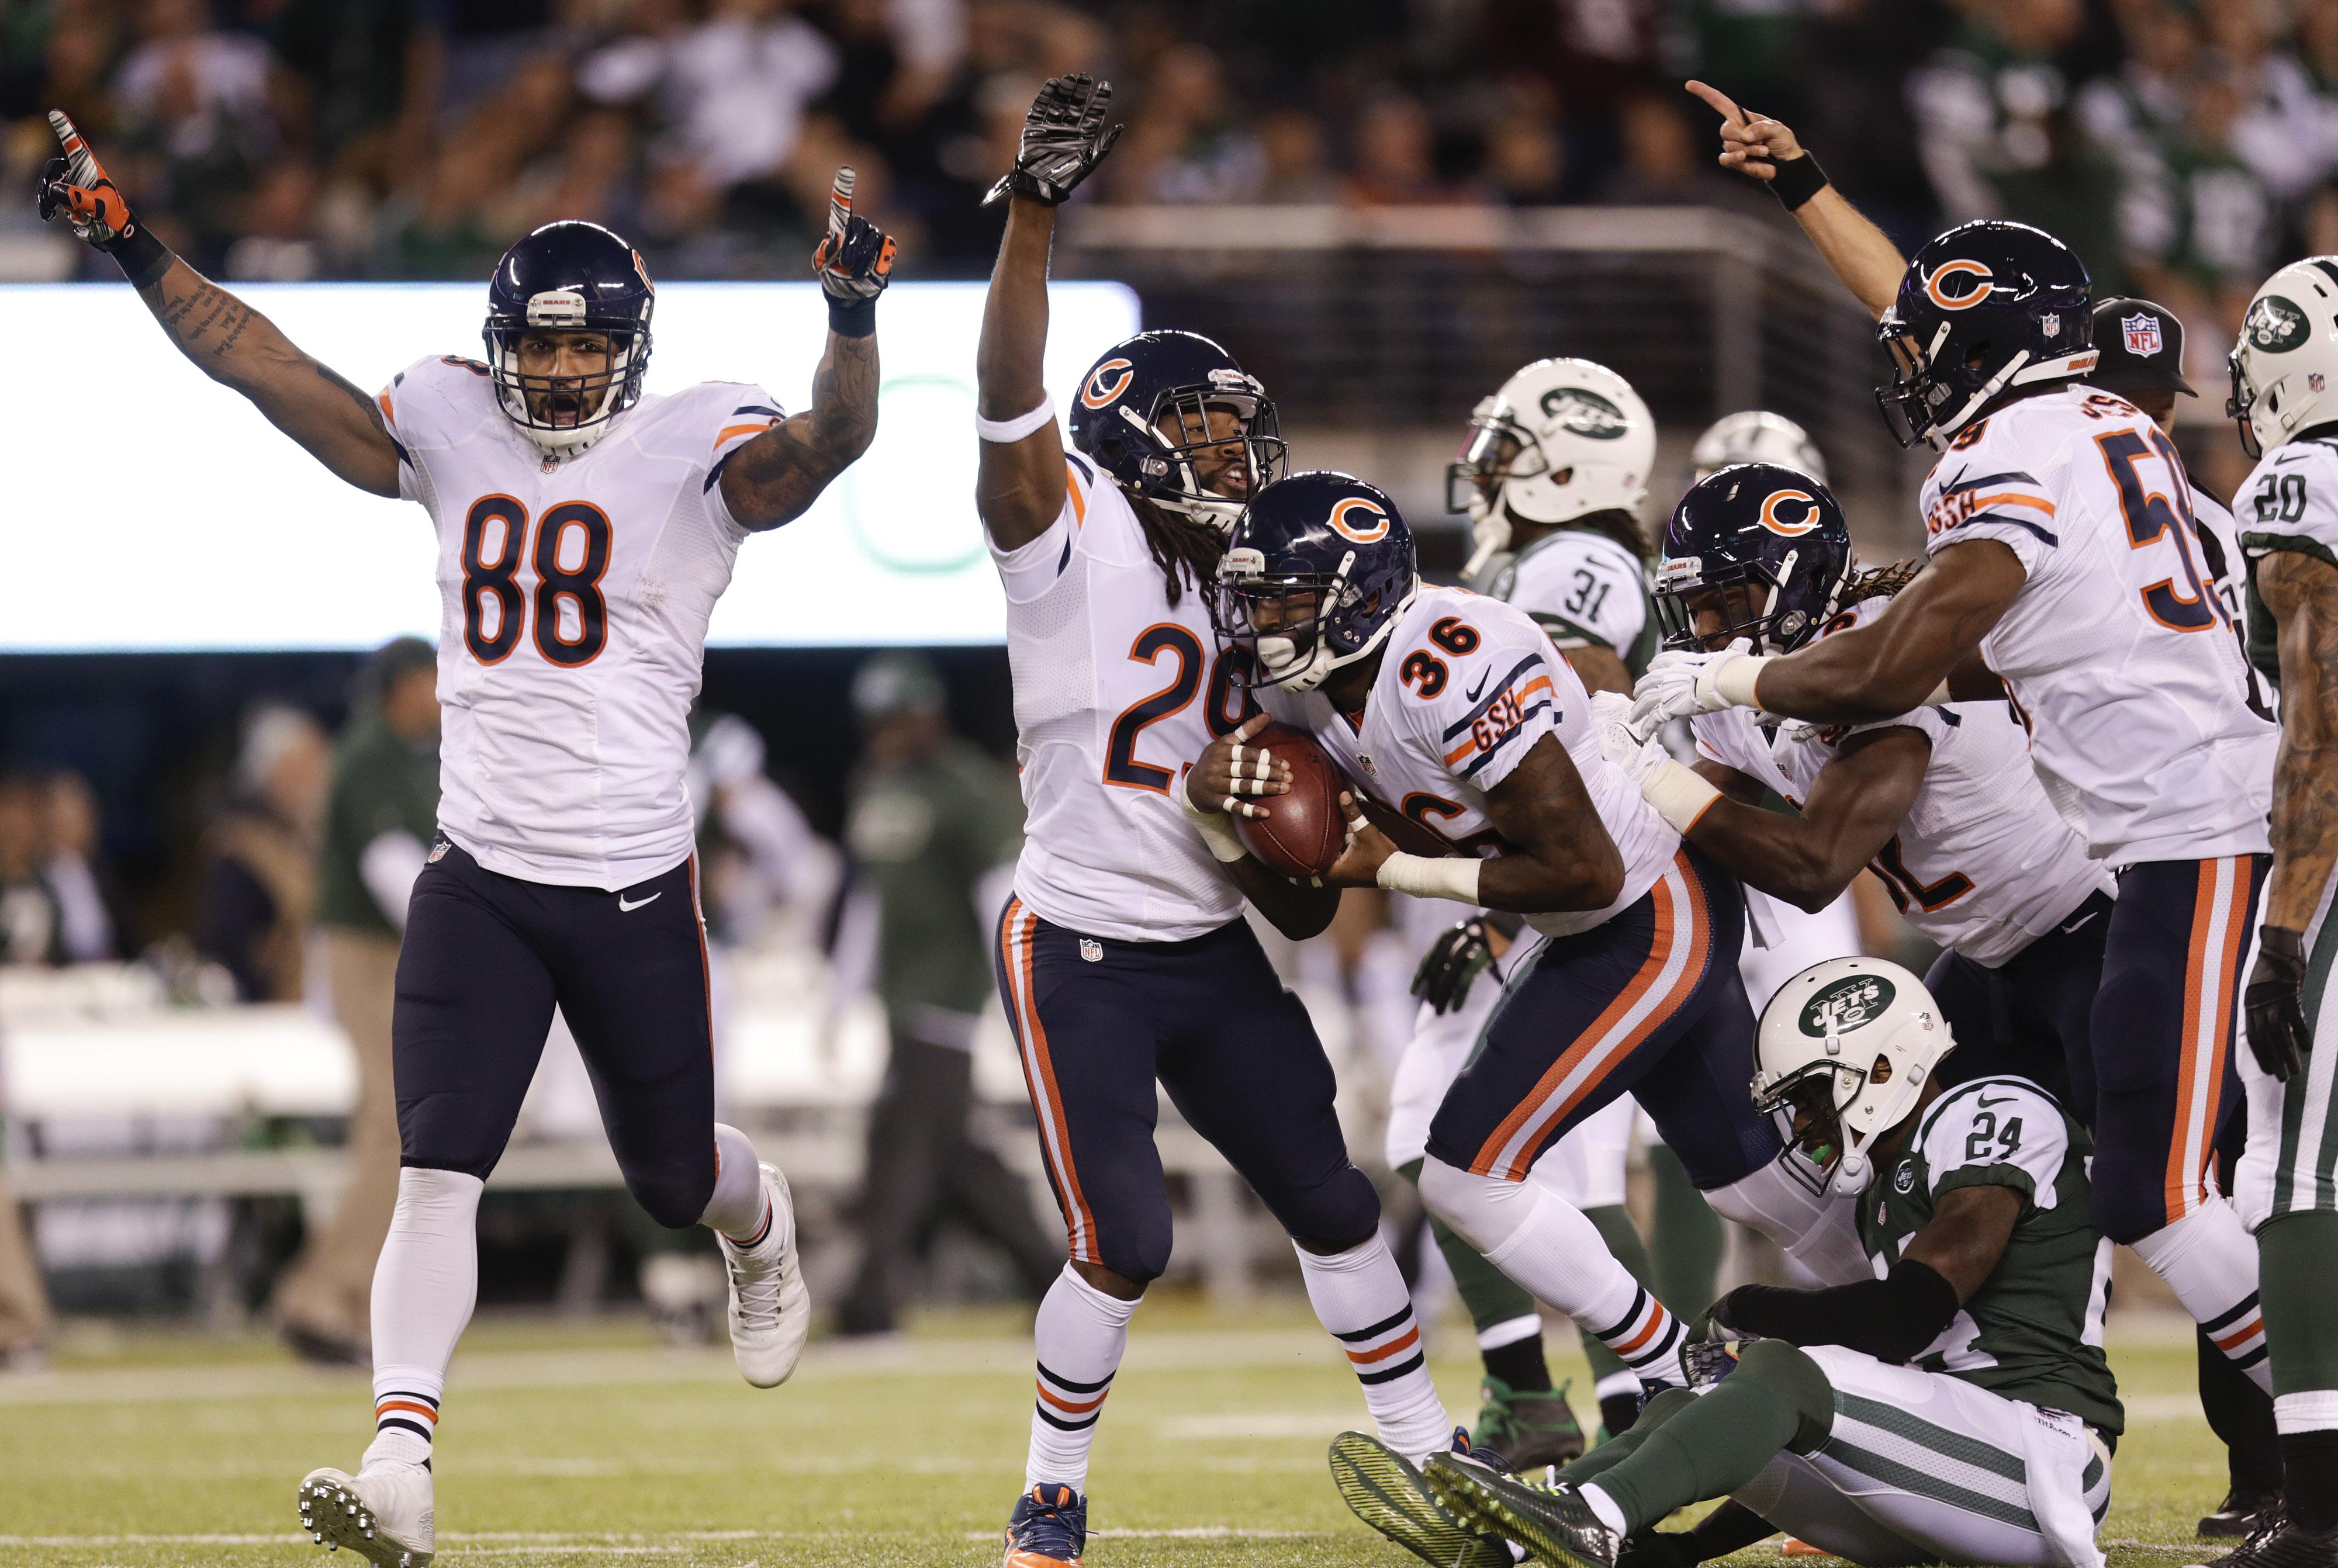 [NFL] Week 3: Gli orsi mordono la grande mela (Chicago Bears vs New York Jets 27-19)